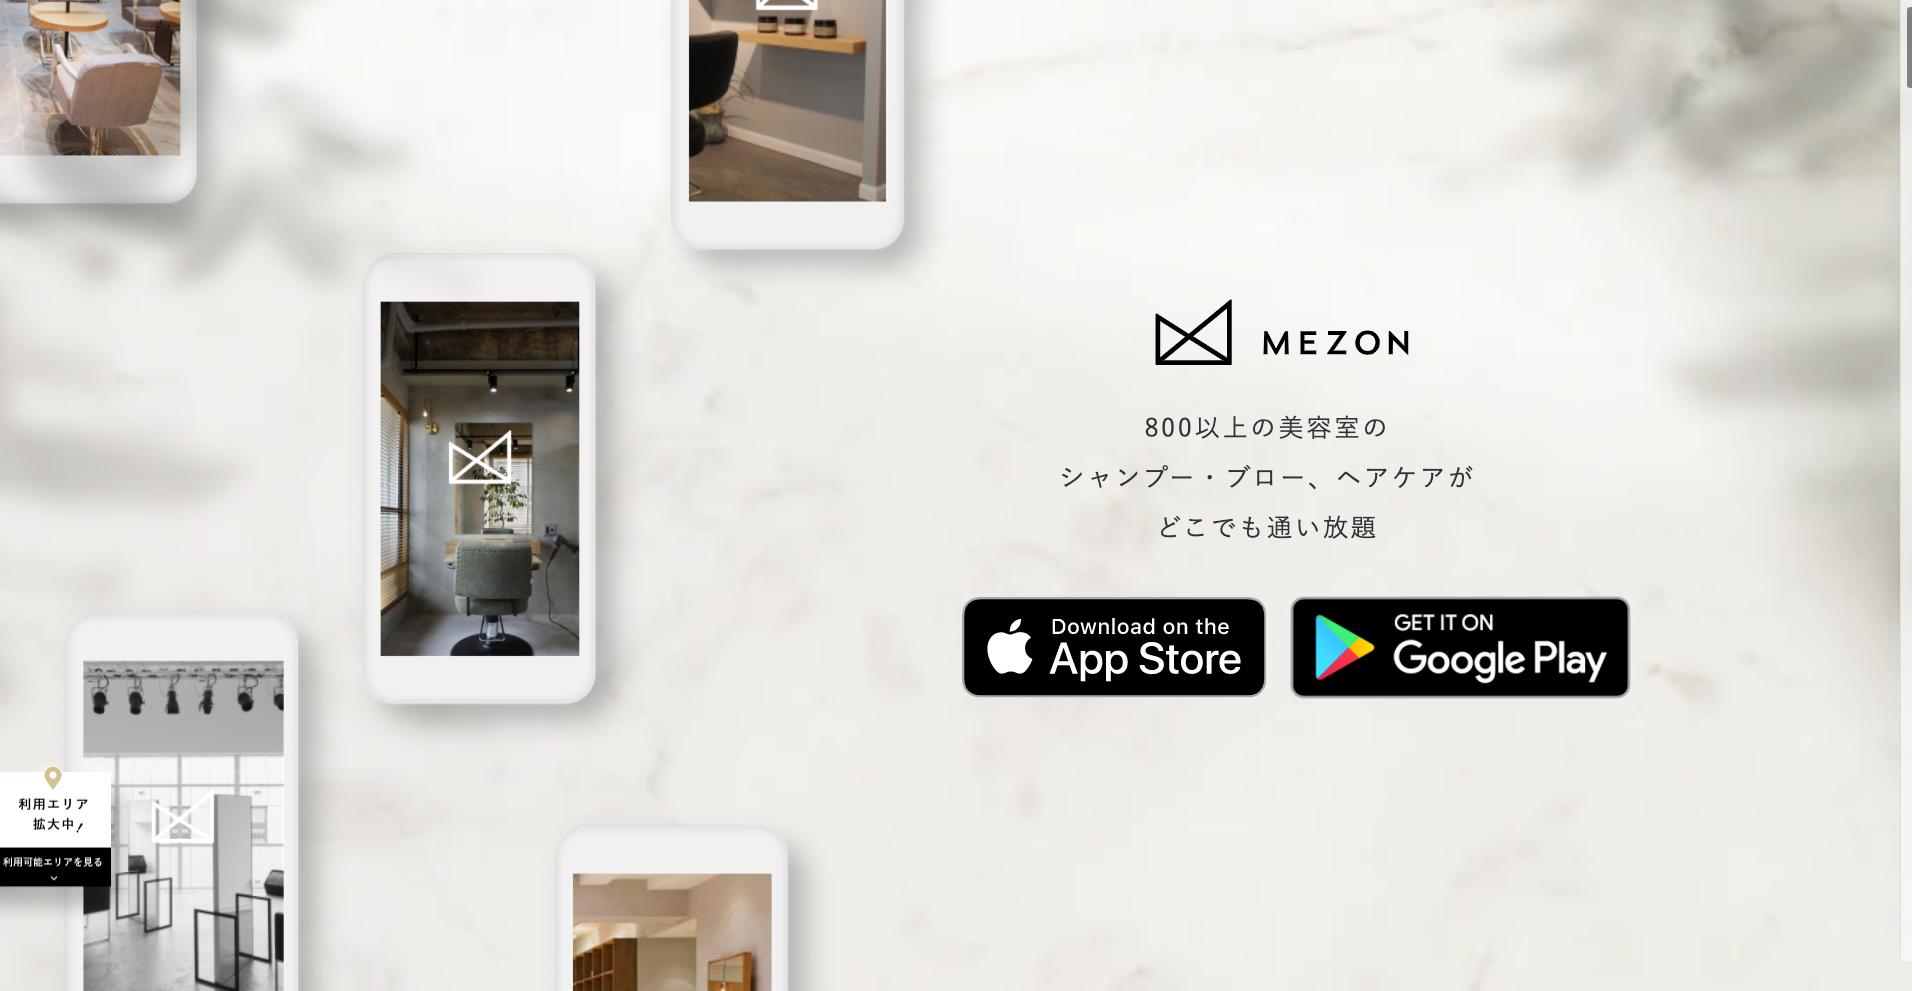 【Ruby on Rails】美容どこでも通い放題サブスクアプリ『MEZON』のWebアプリケーションエンジニア募集